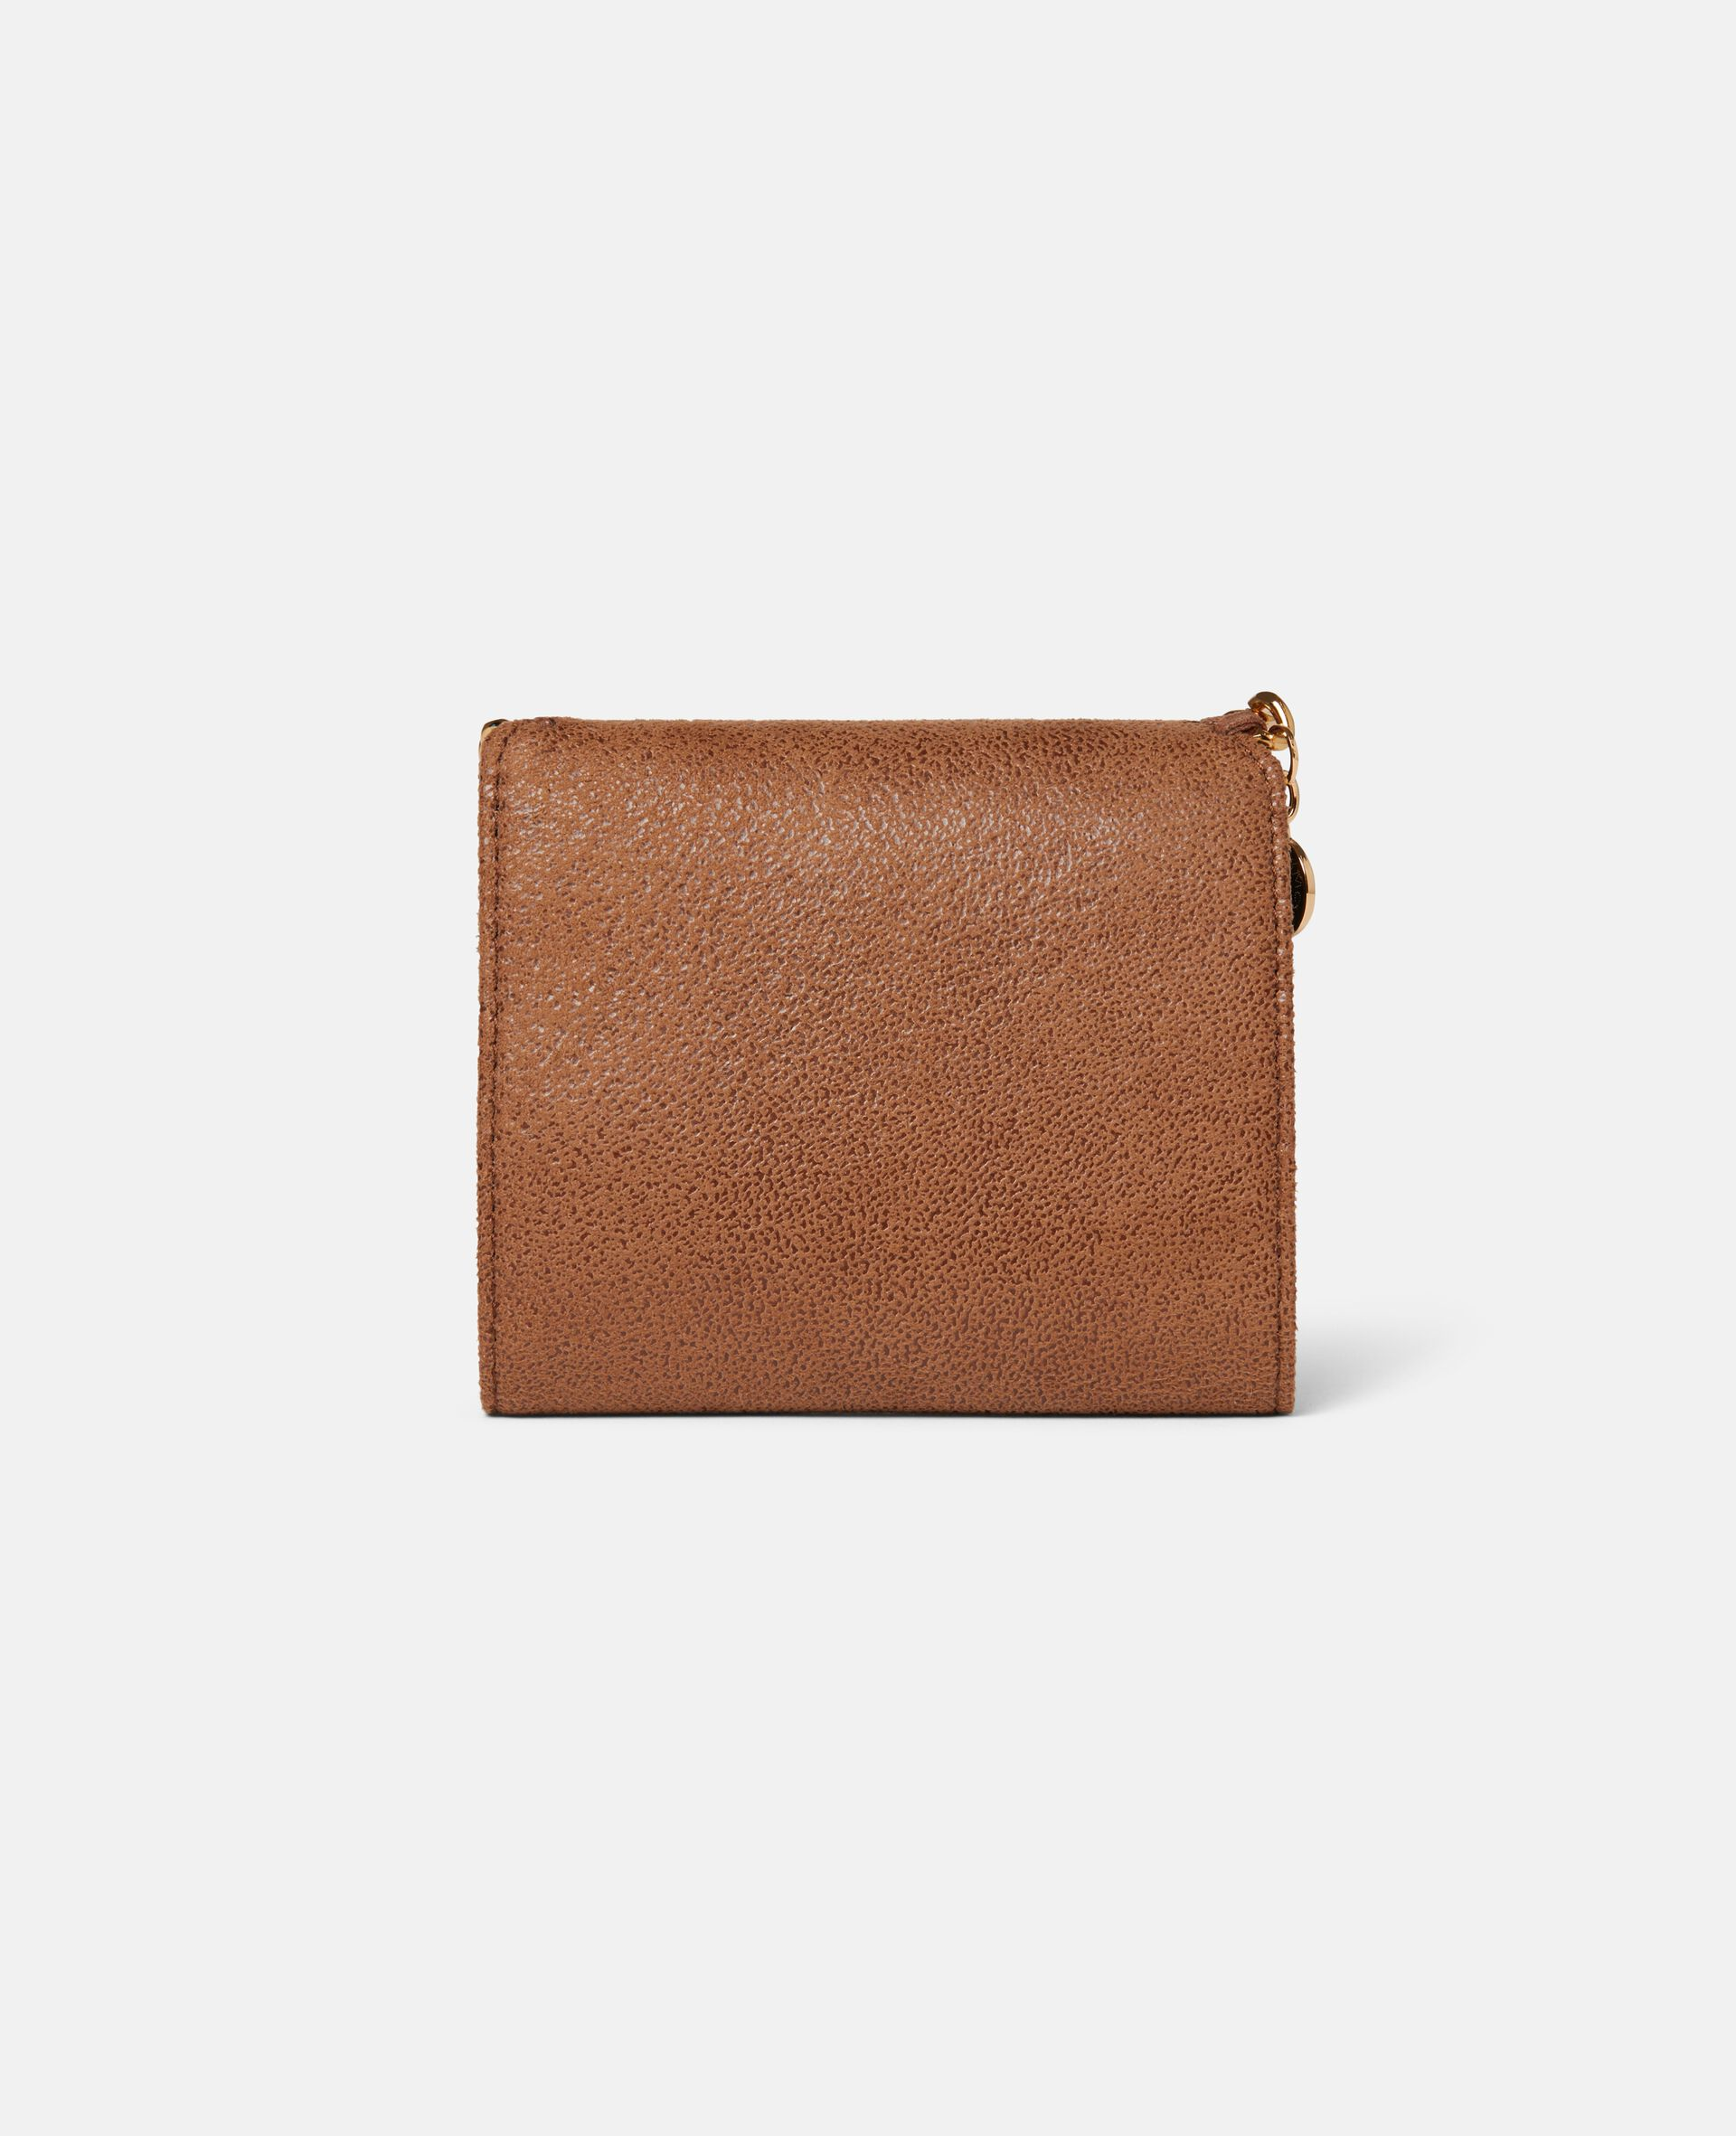 Kleines Portemonnaie Falabella mit Überschlag-Beige-large image number 2